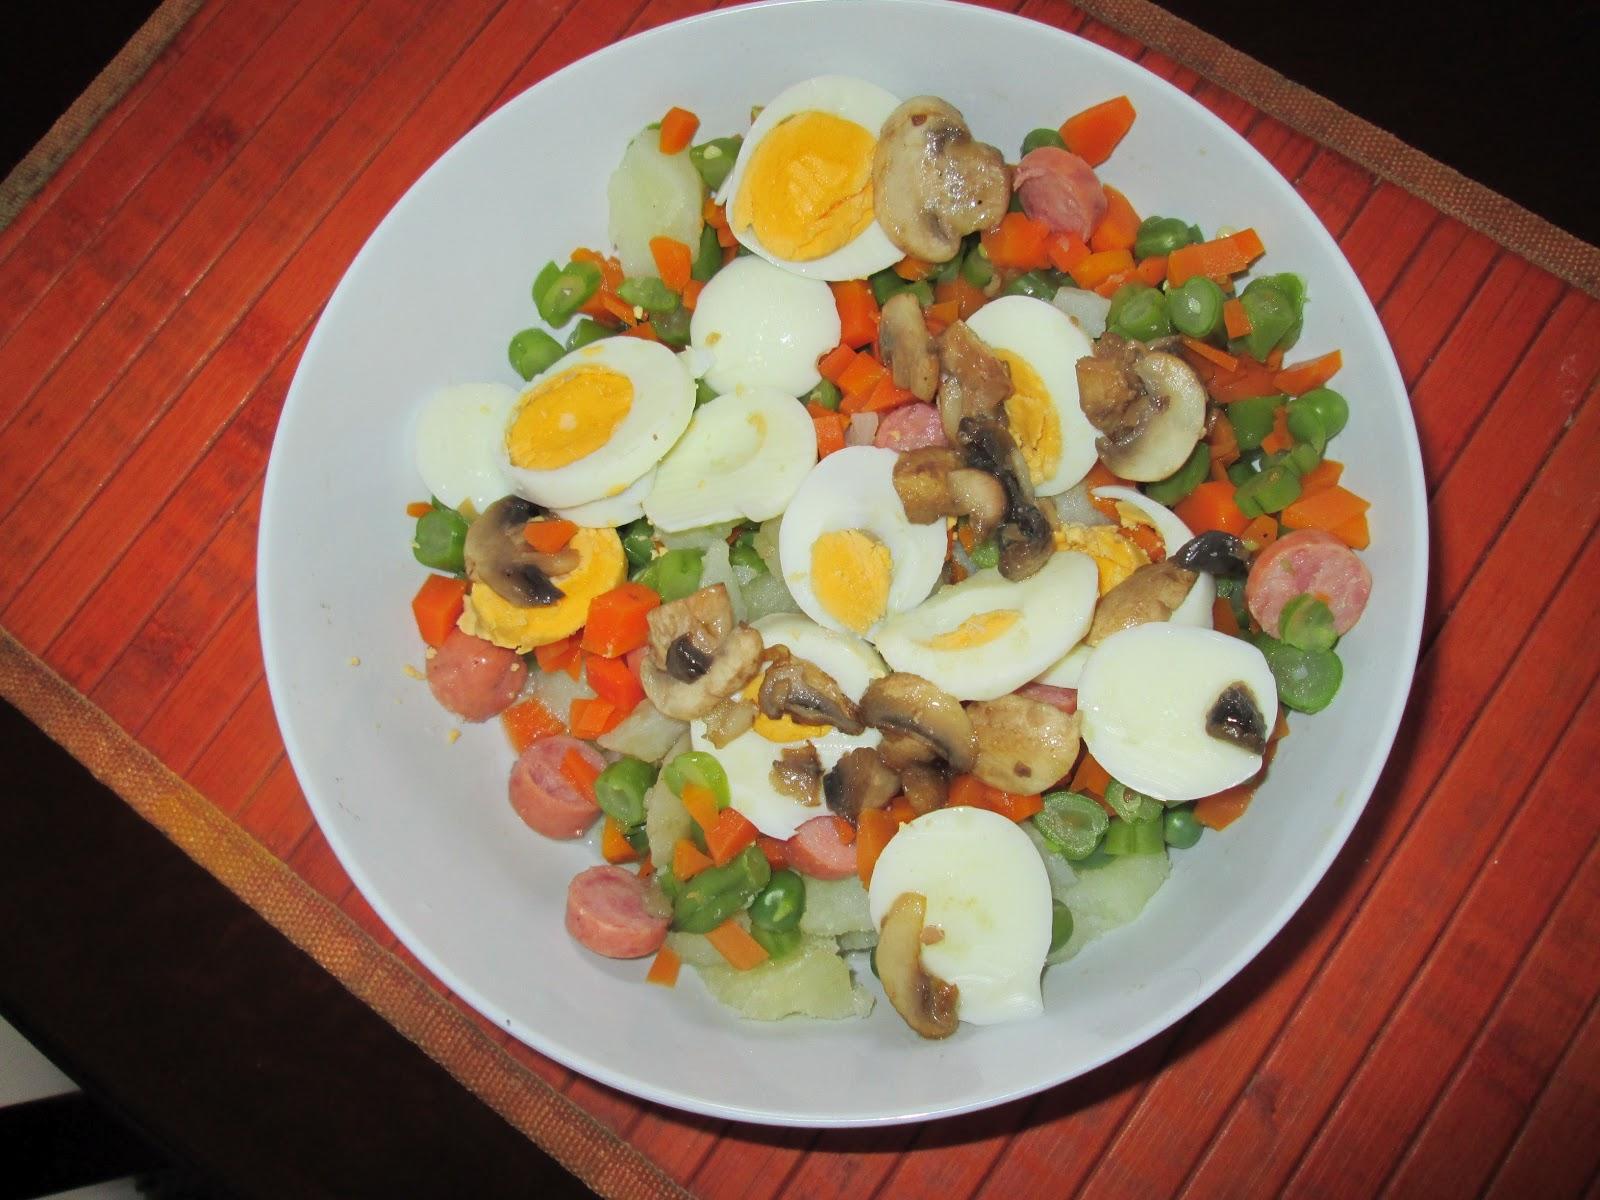 Cocina f cil para flojos comida r pida saludable papas y - Comida sana y facil para adelgazar ...